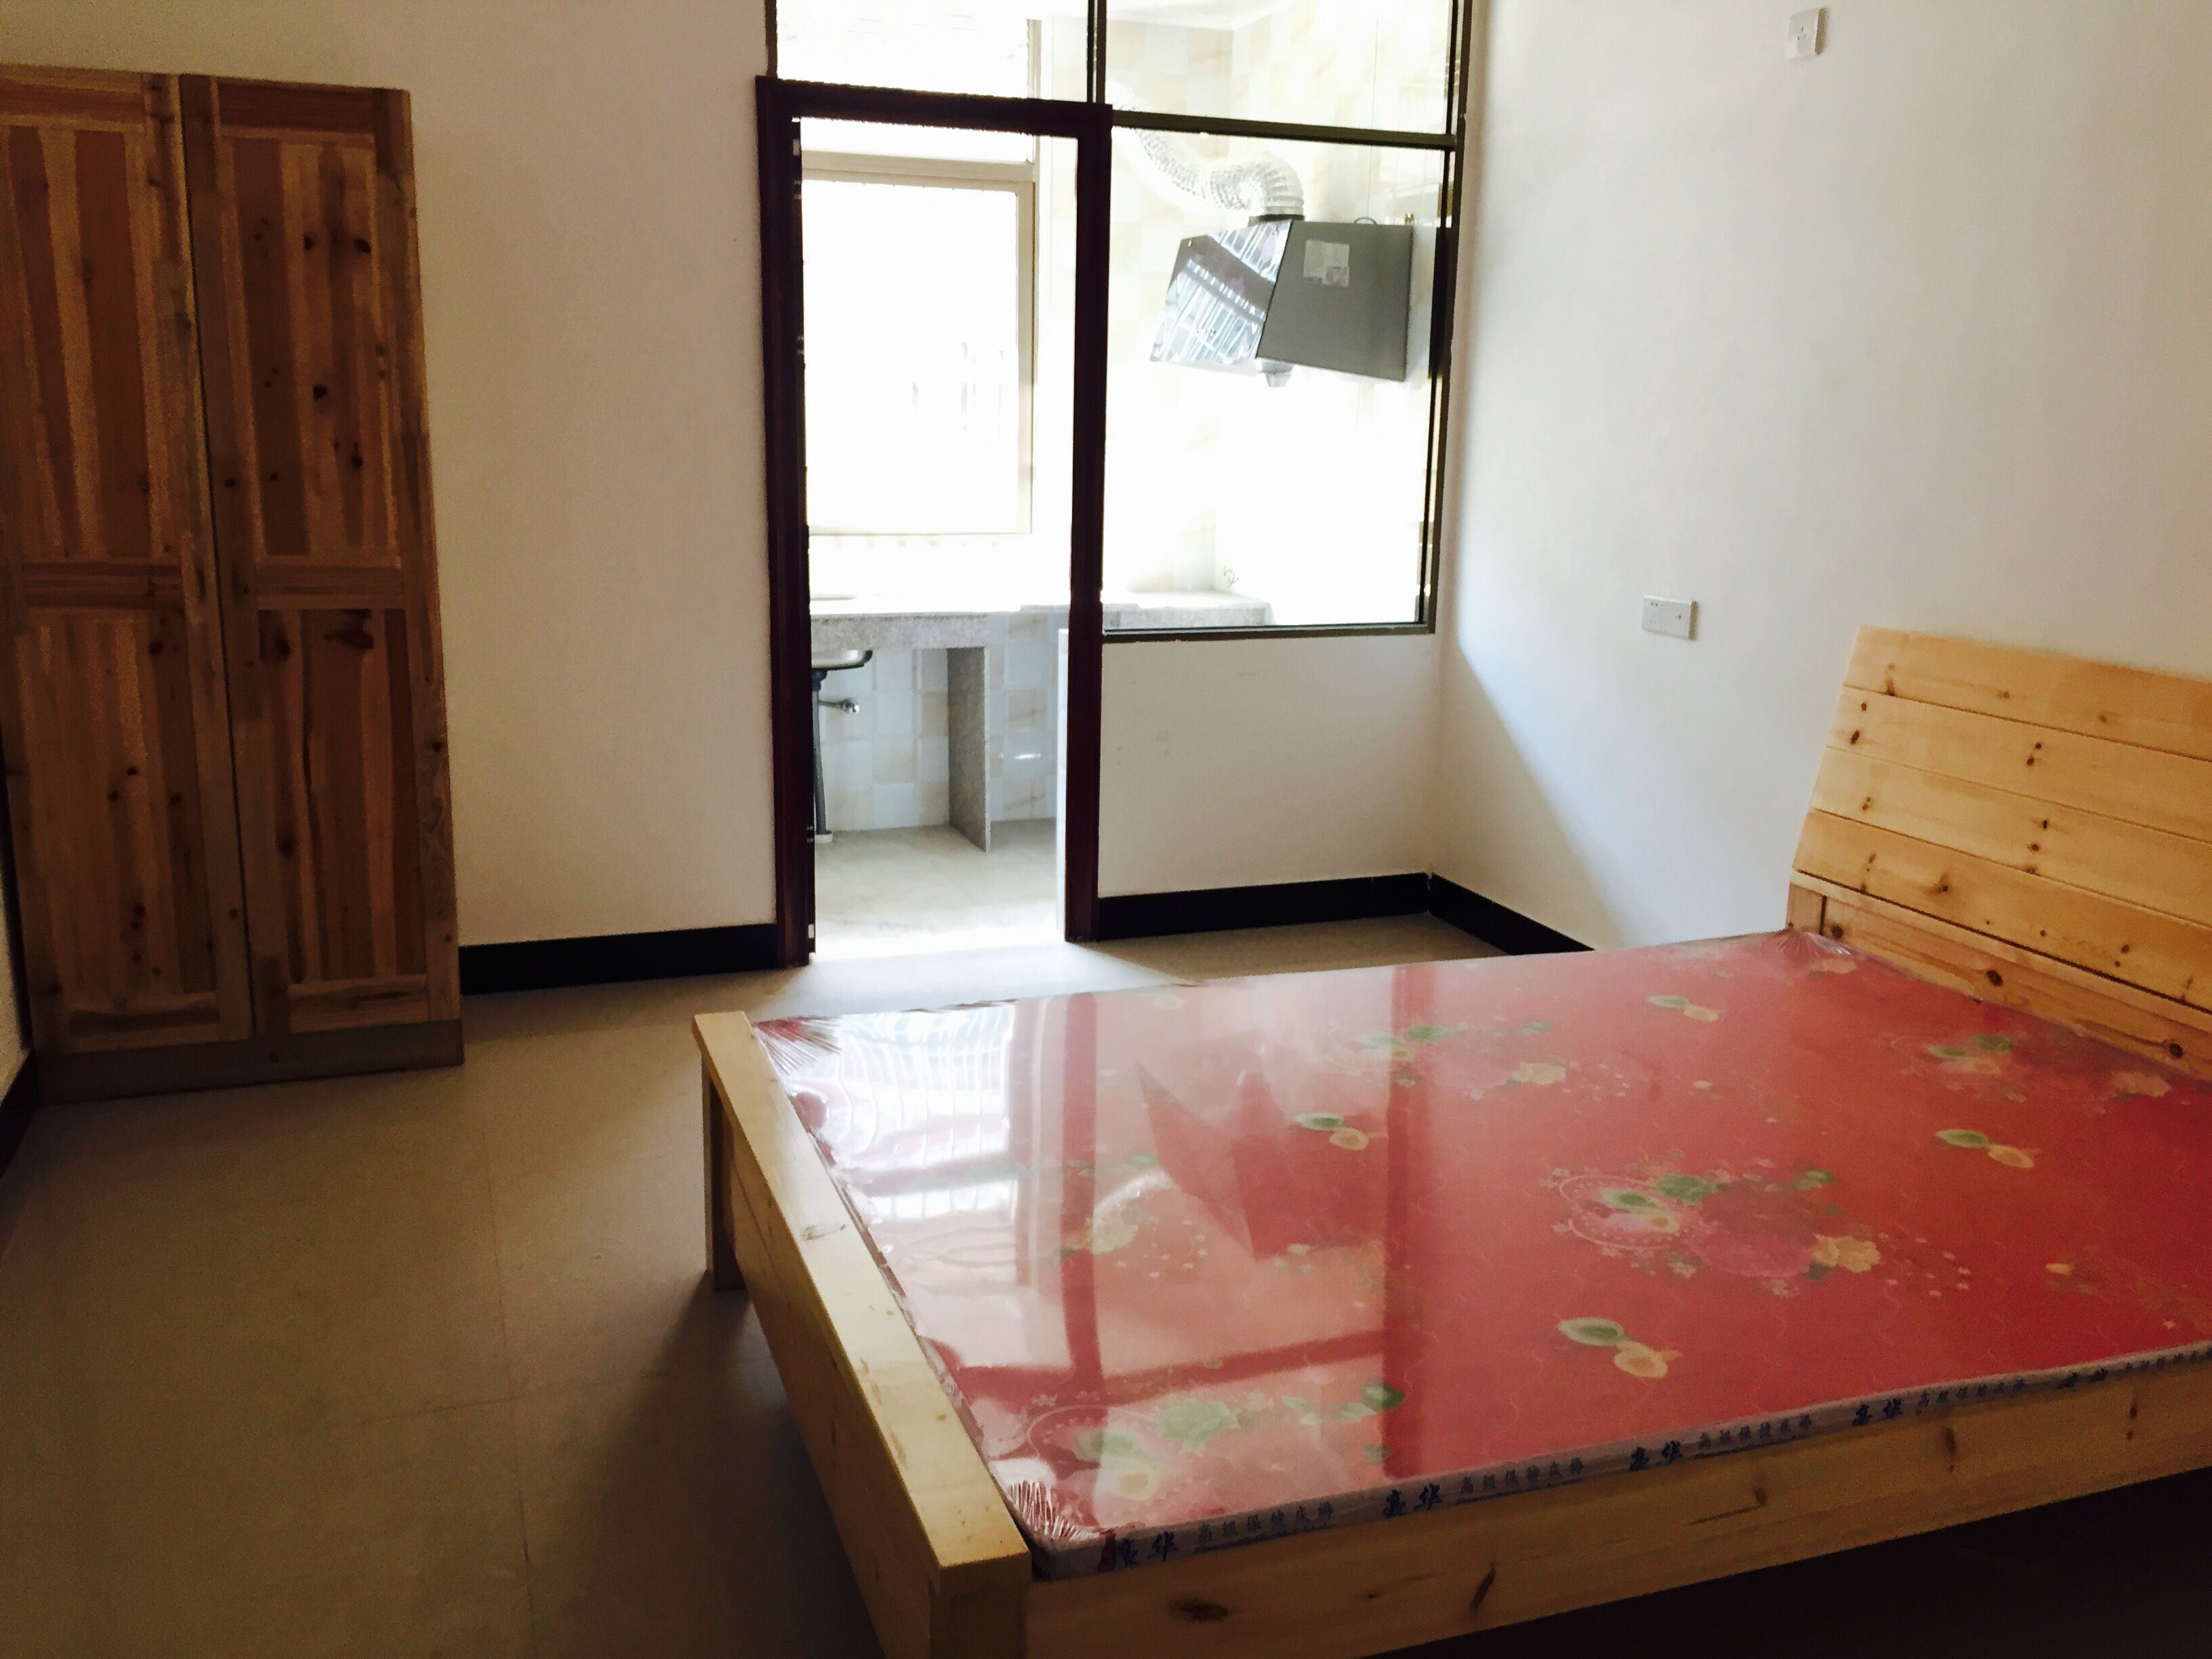 义南工业区白马村19幢4间店面和3层单间出租